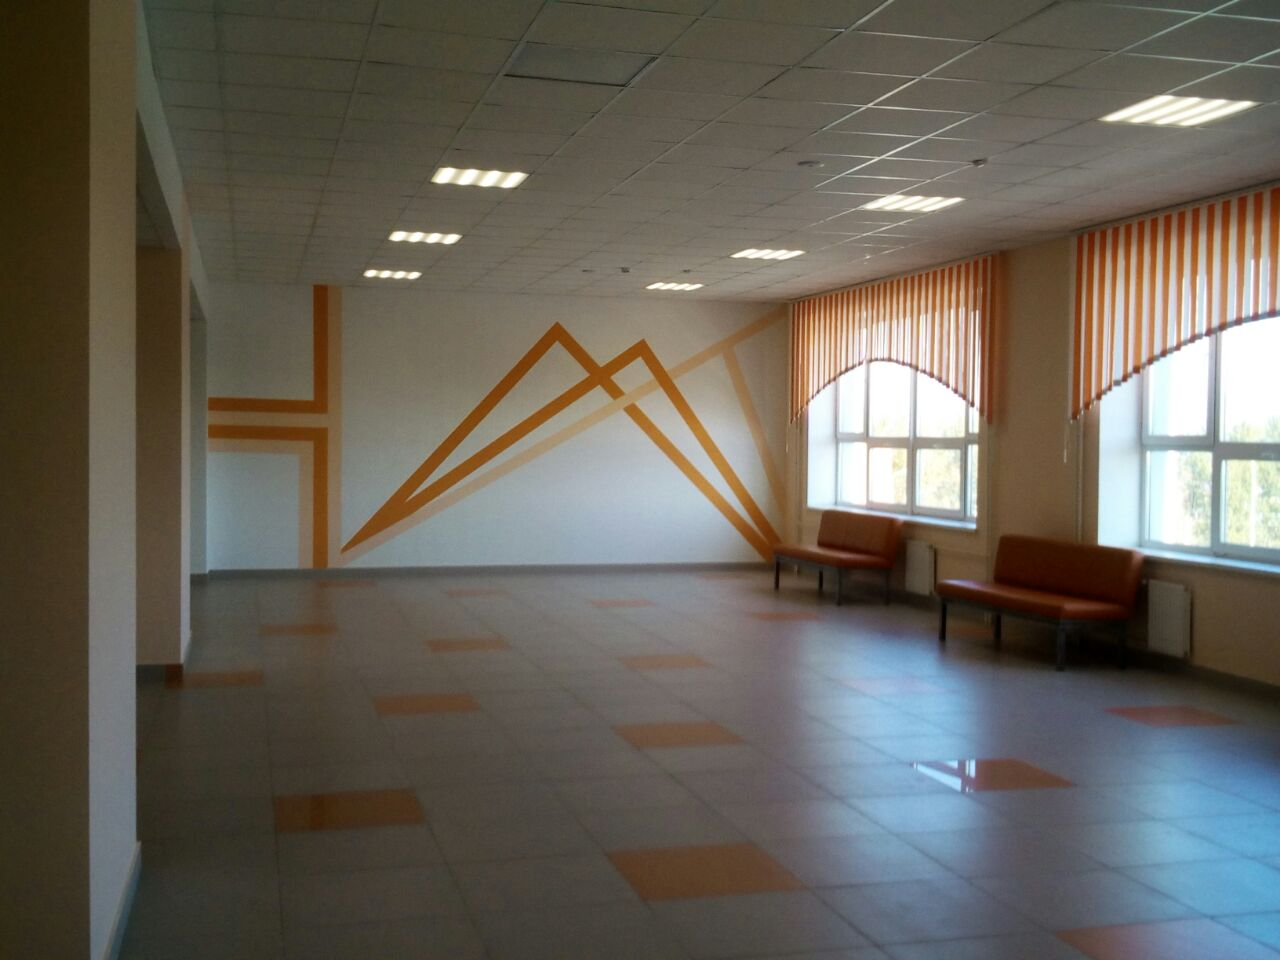 Картинки холла школы